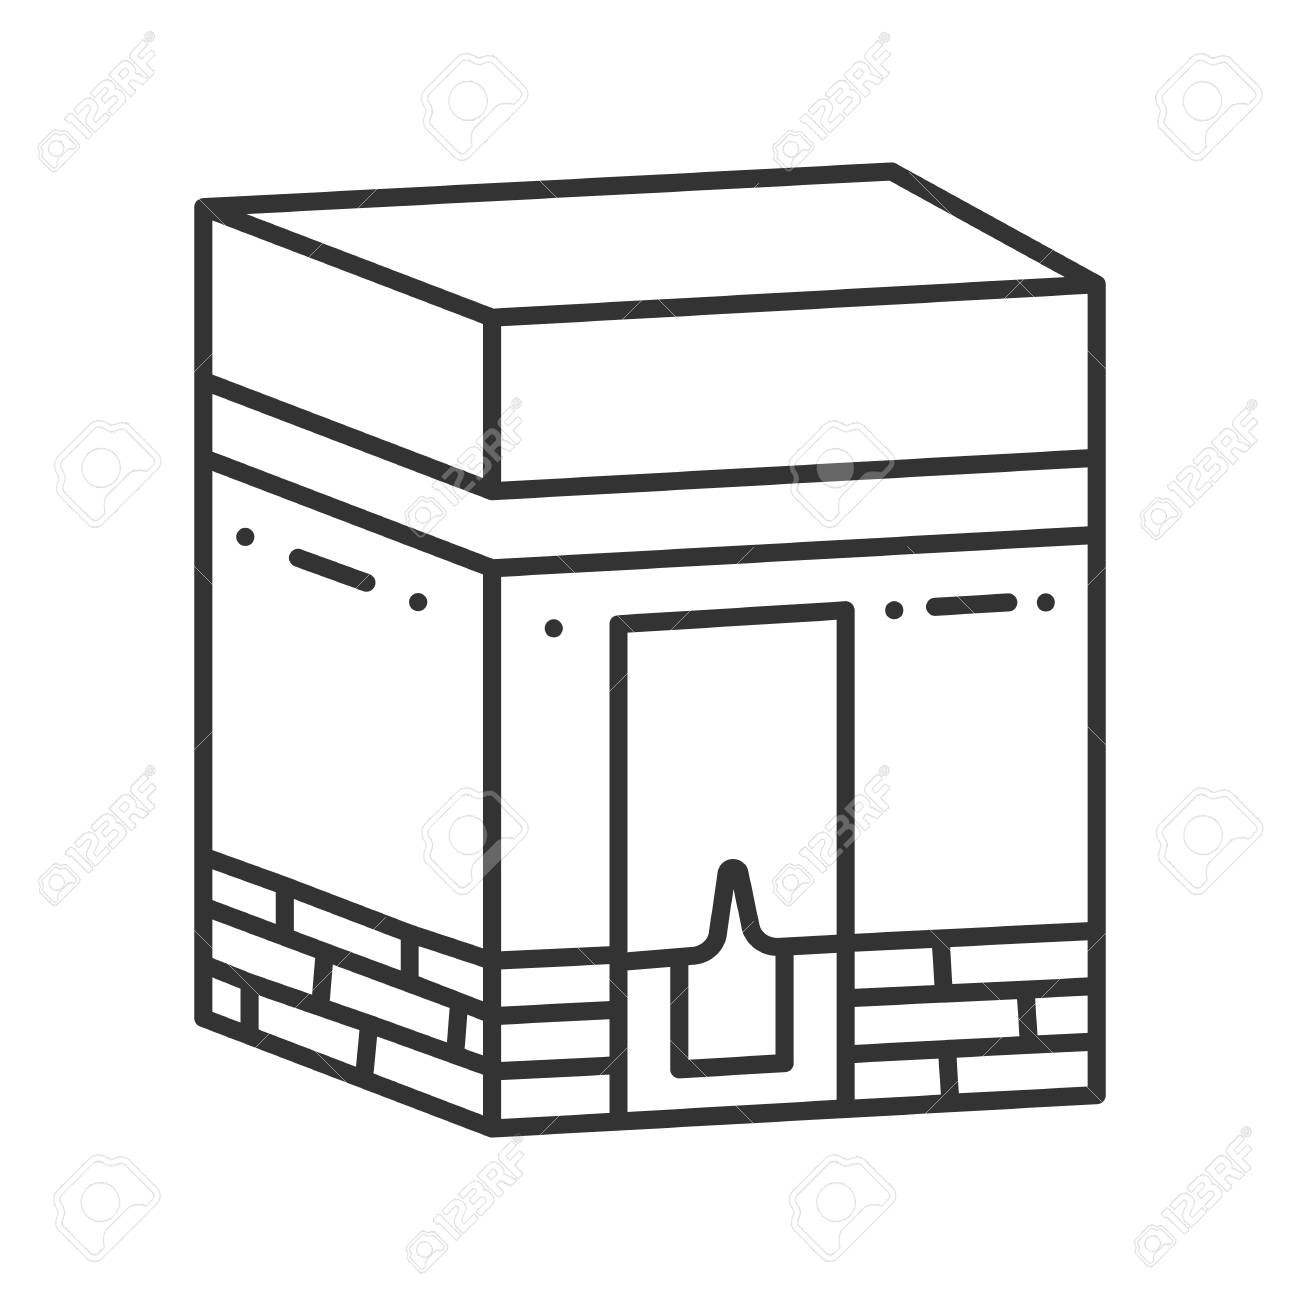 Icono Lineal De Kaaba Hayy Santuario Musulman Cultura Islamica Ilustracion De Linea Delgada Simbolo De Contorno Dibujo De Contorno Aislado Del Vector Ilustraciones Vectoriales Clip Art Vectorizado Libre De Derechos Image 95339284